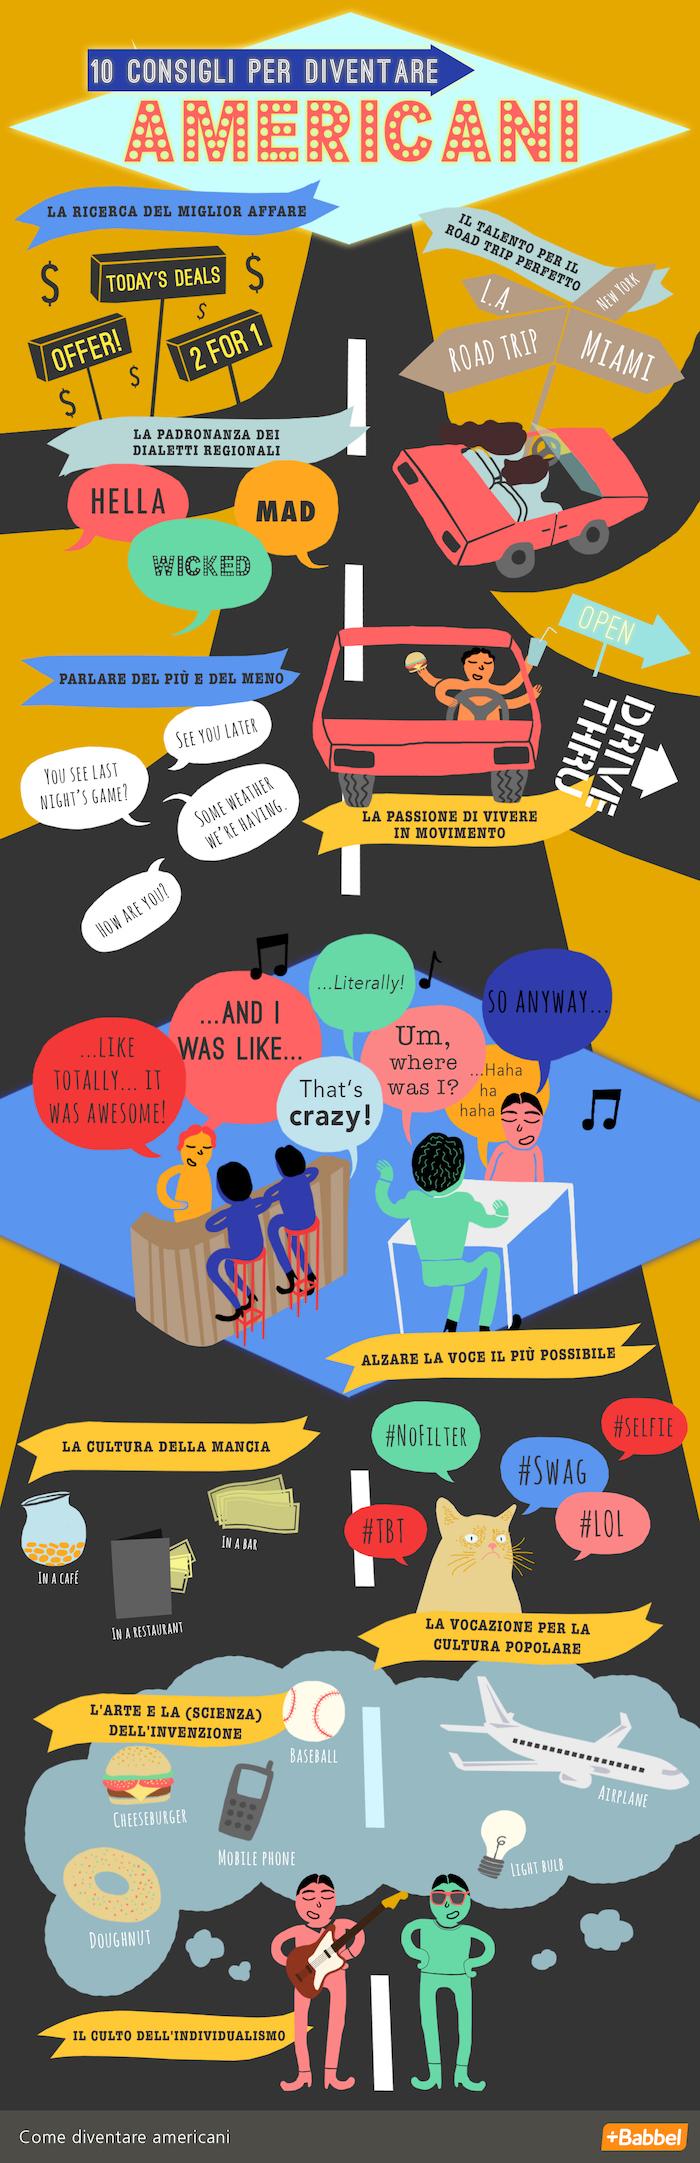 Come diventare americano in 10 semplici mosse